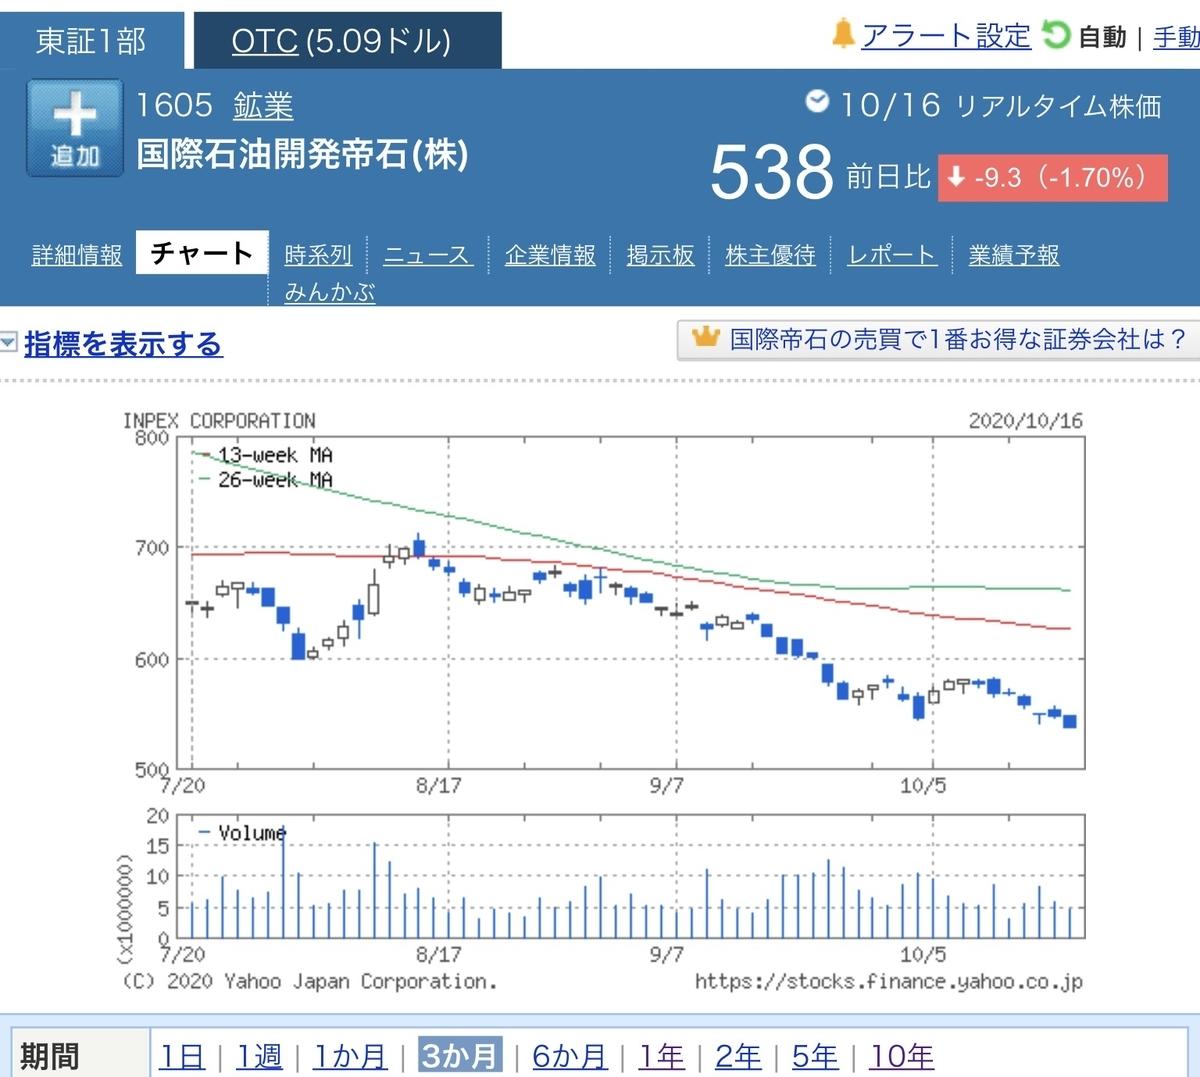 f:id:sanchan_neo:20201017222627j:plain